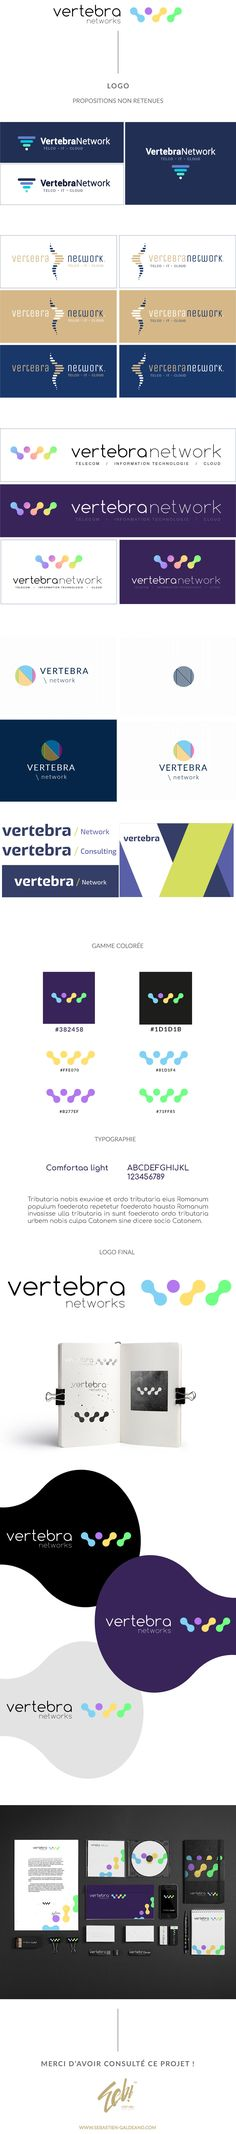 Vertebra est une entreprise de produits digitaux. Ils ont fait appel à moi pour créer leur logo et charte graphique. J'ai développé leur identité visuelle dans leur divers éléments de papeterie.  http://www.sebastien-galdeano.com/portfolio/3-Print/18-Logo/468-Vertebra_Networks.html